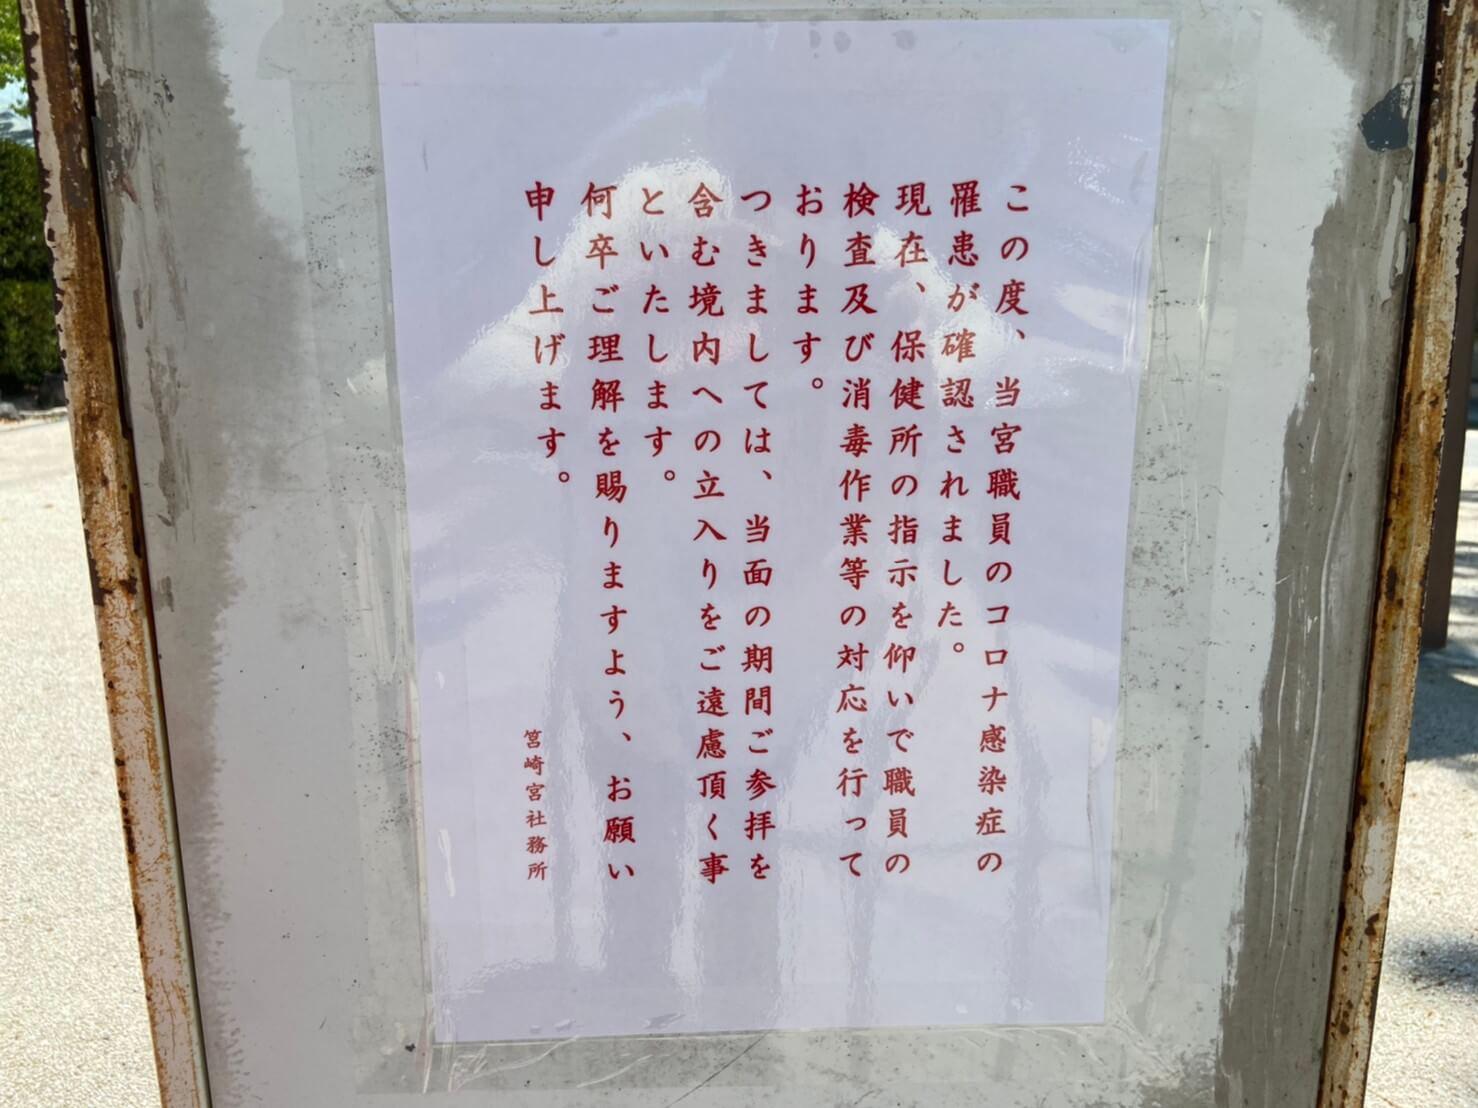 福岡 美容 室 クラスター